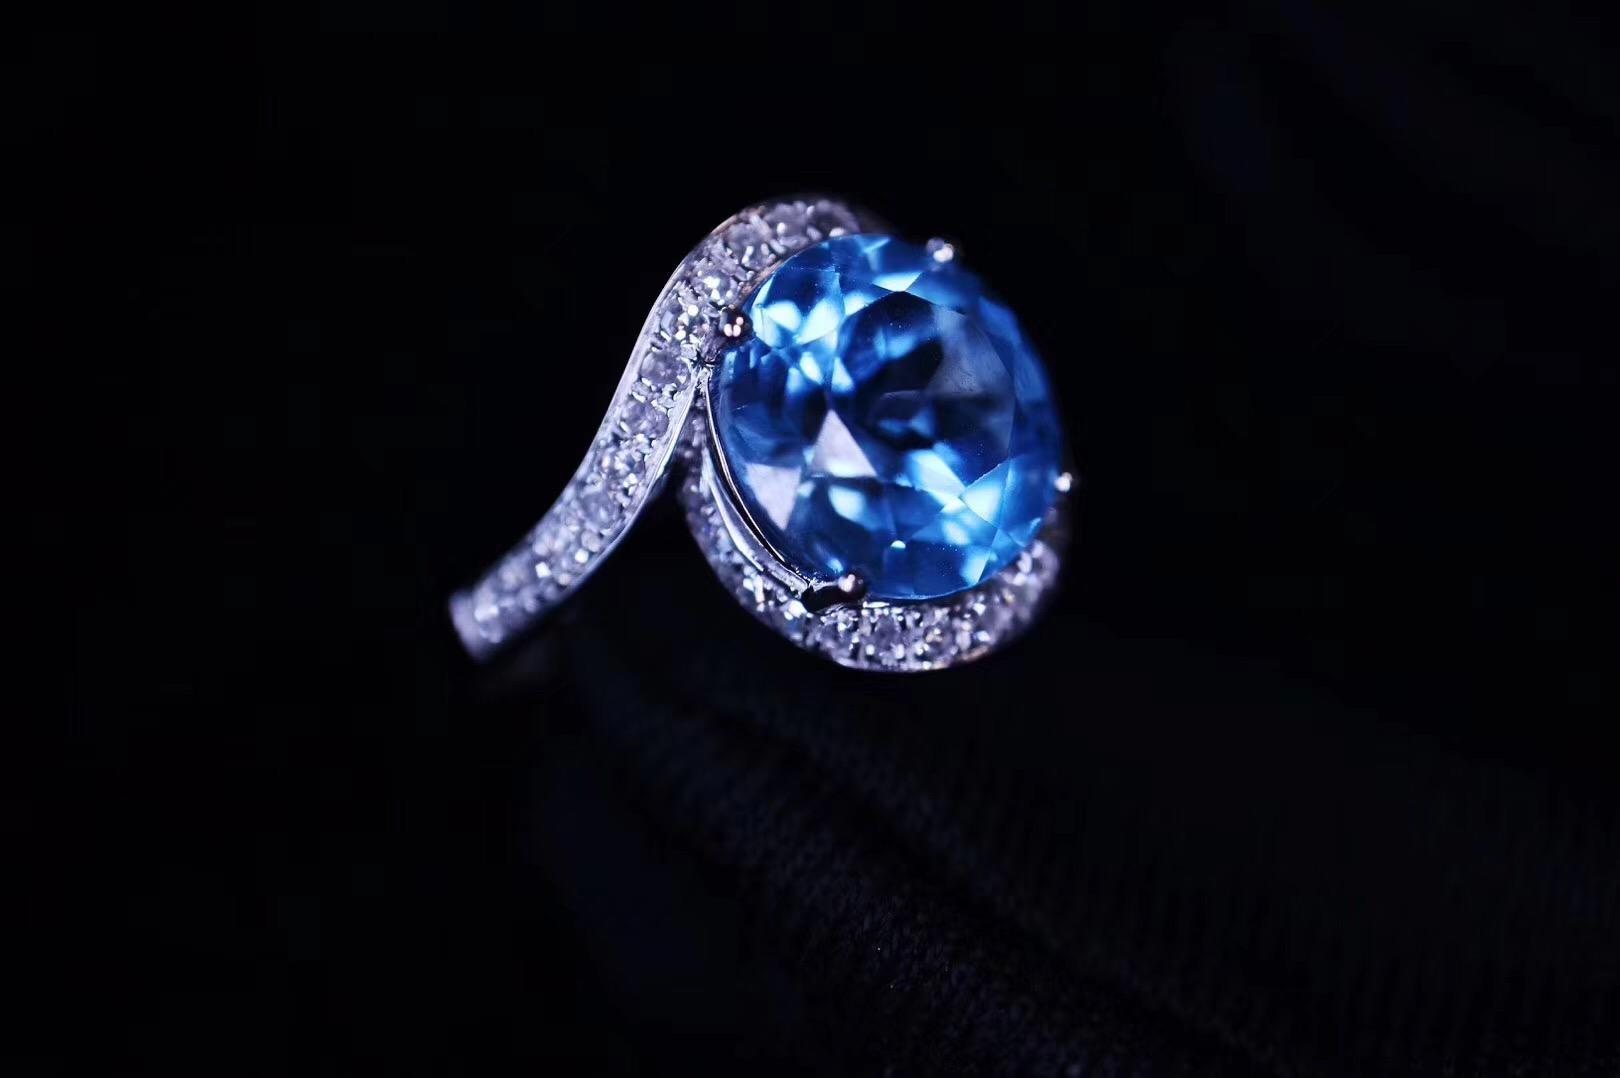 【菩心-托帕石白金戒】在菩心晶舍定制的戒指,终于完工了-菩心晶舍